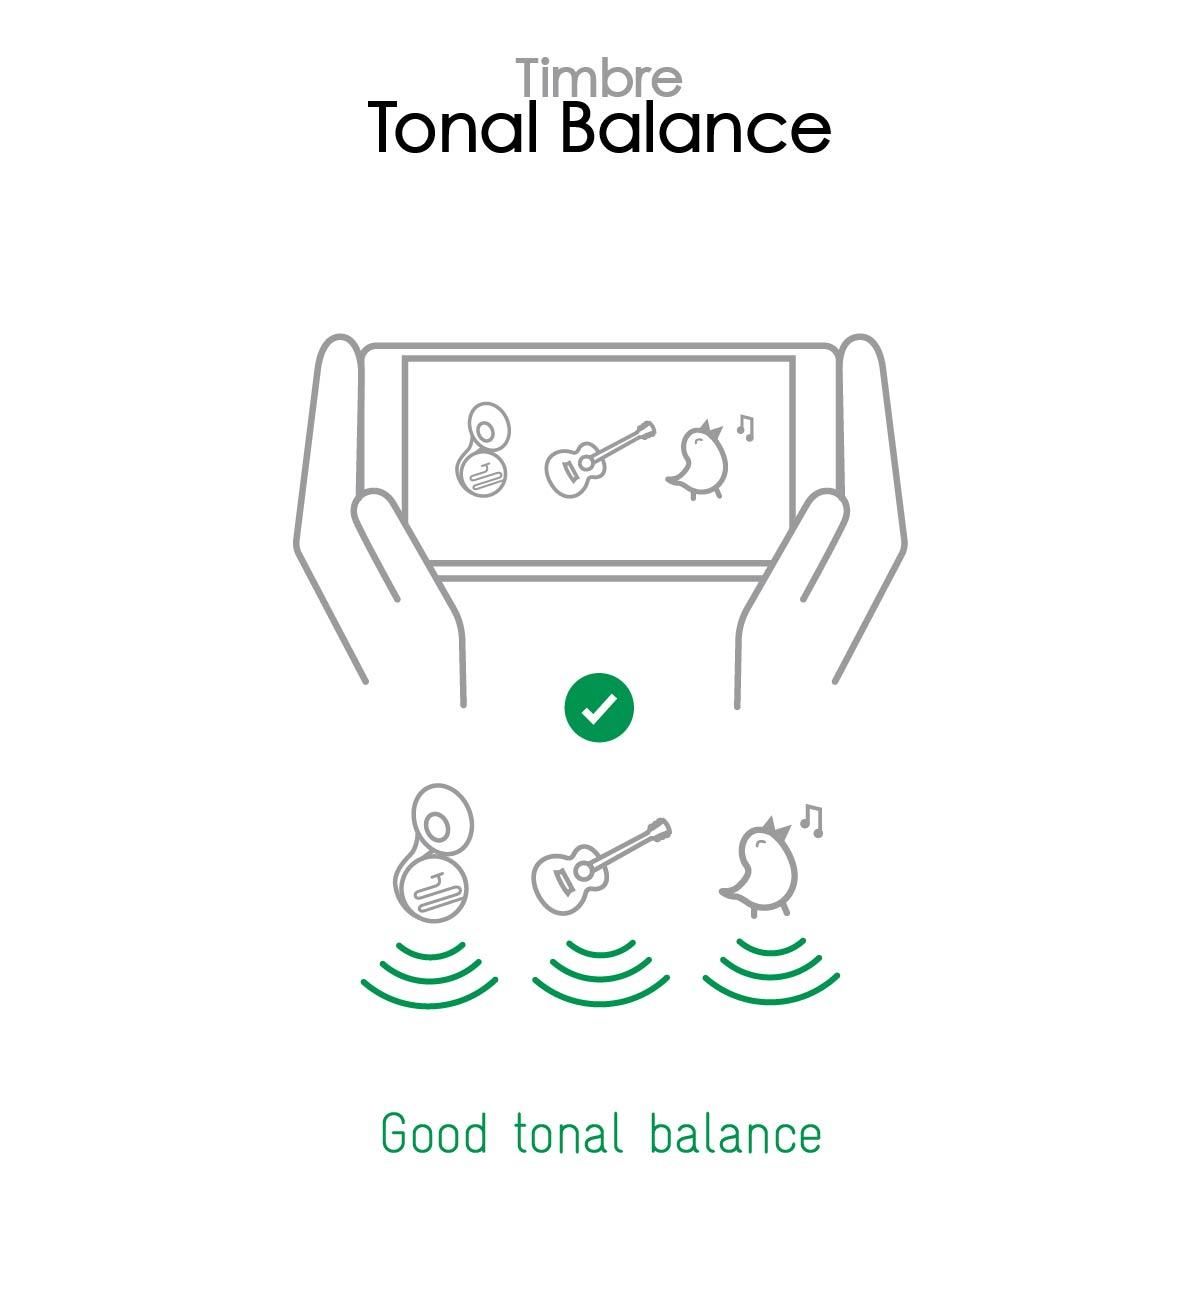 playback-timbre-tonalbalance-good